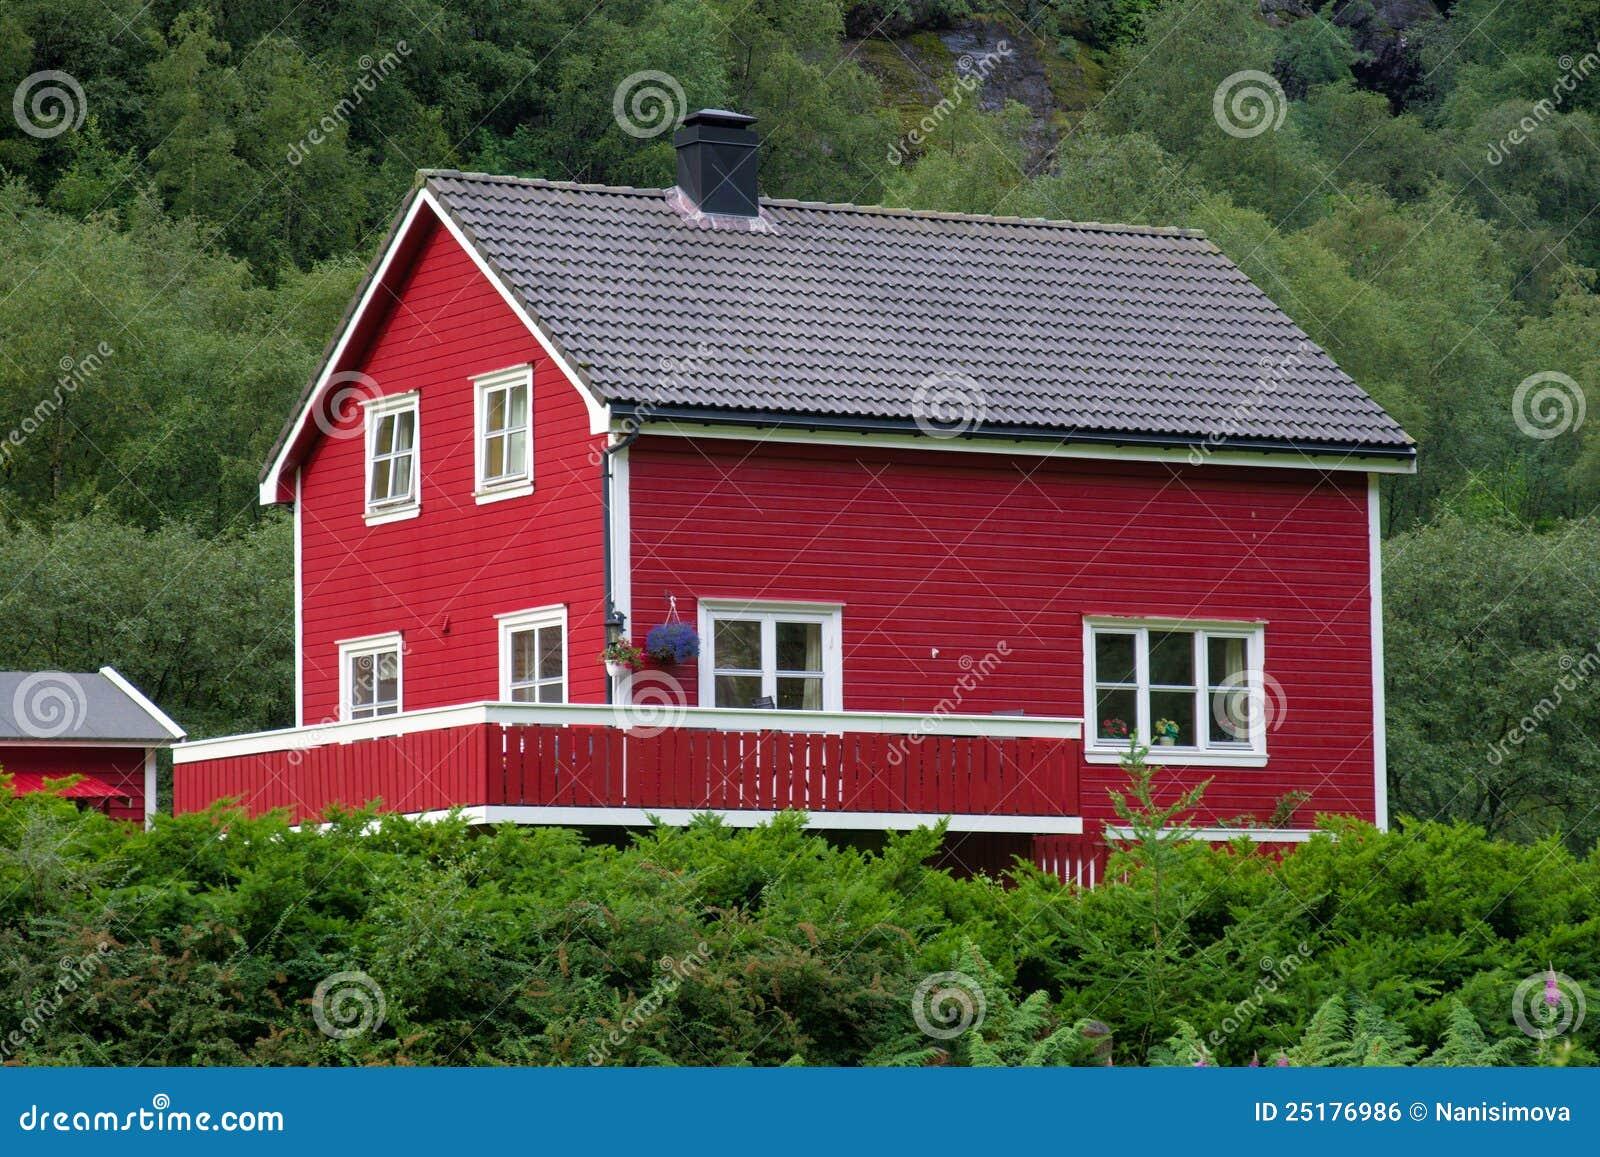 Maison norv gienne type photo stock image du sc ne ferme for Type maison